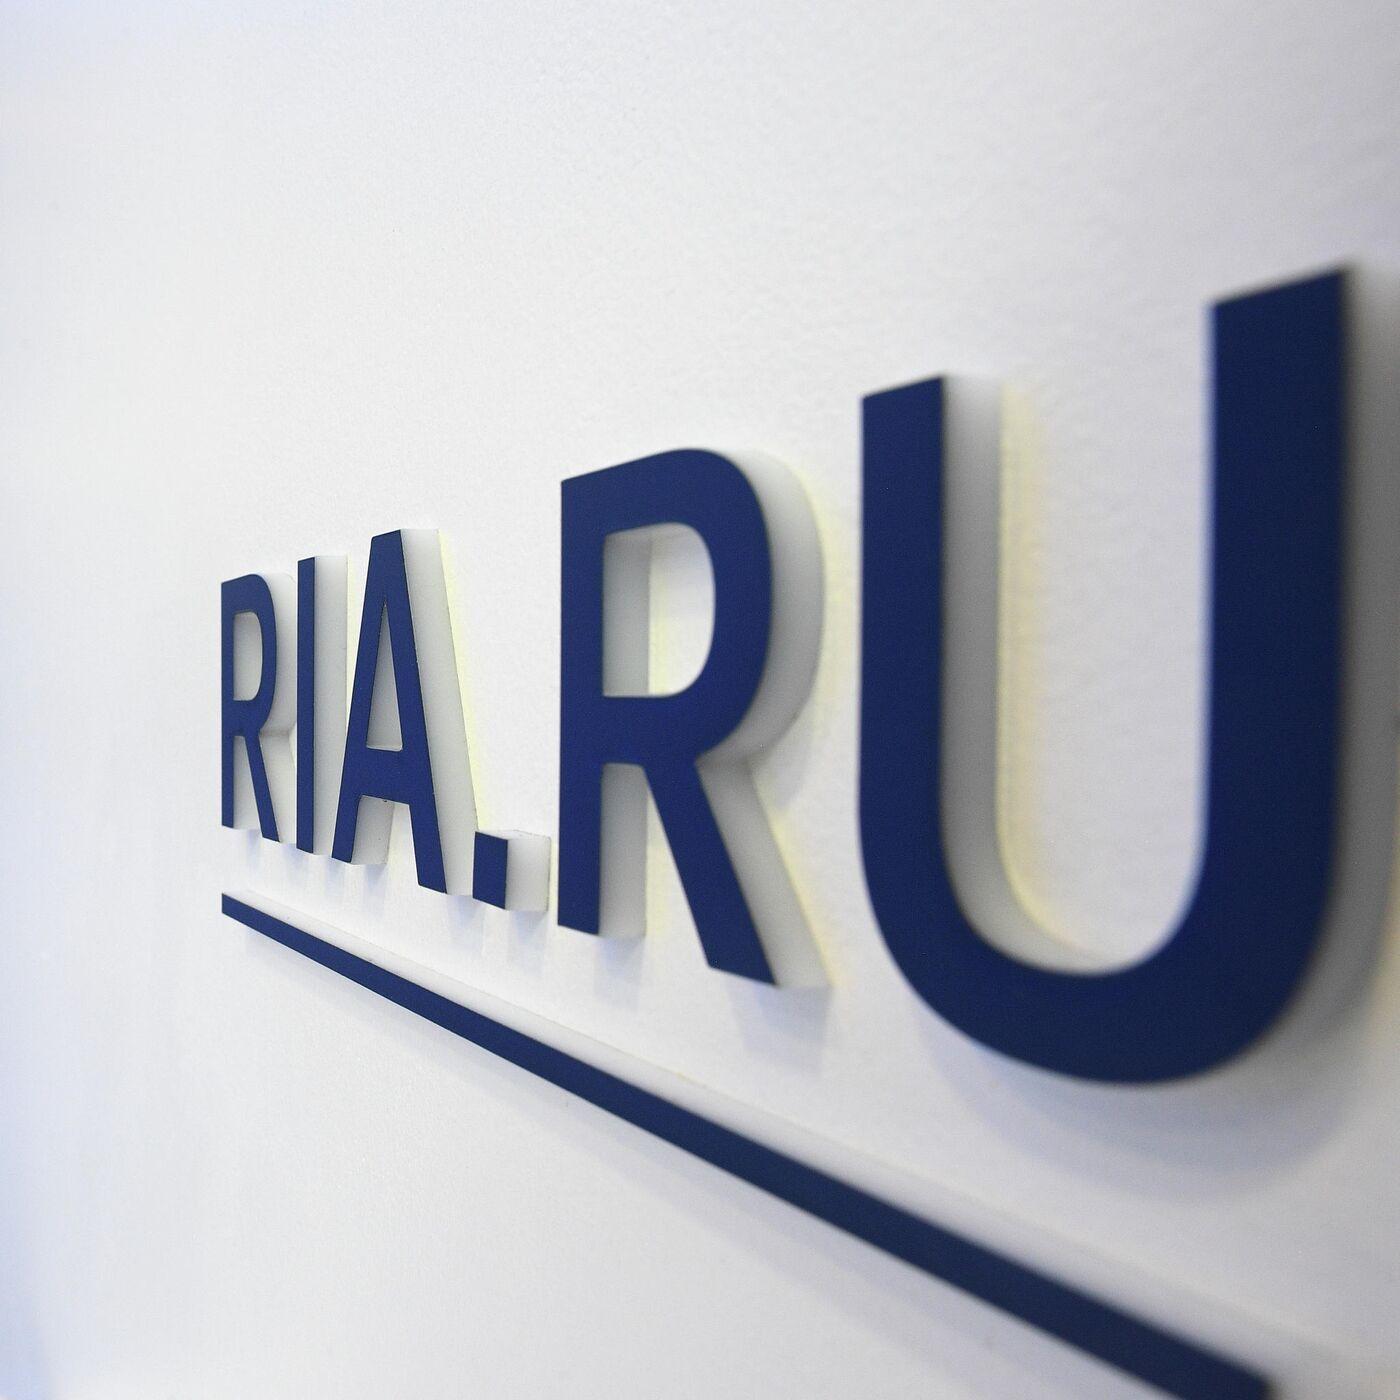 Чернышенко: сайт Ria.ru вошел в число самых востребованных ...